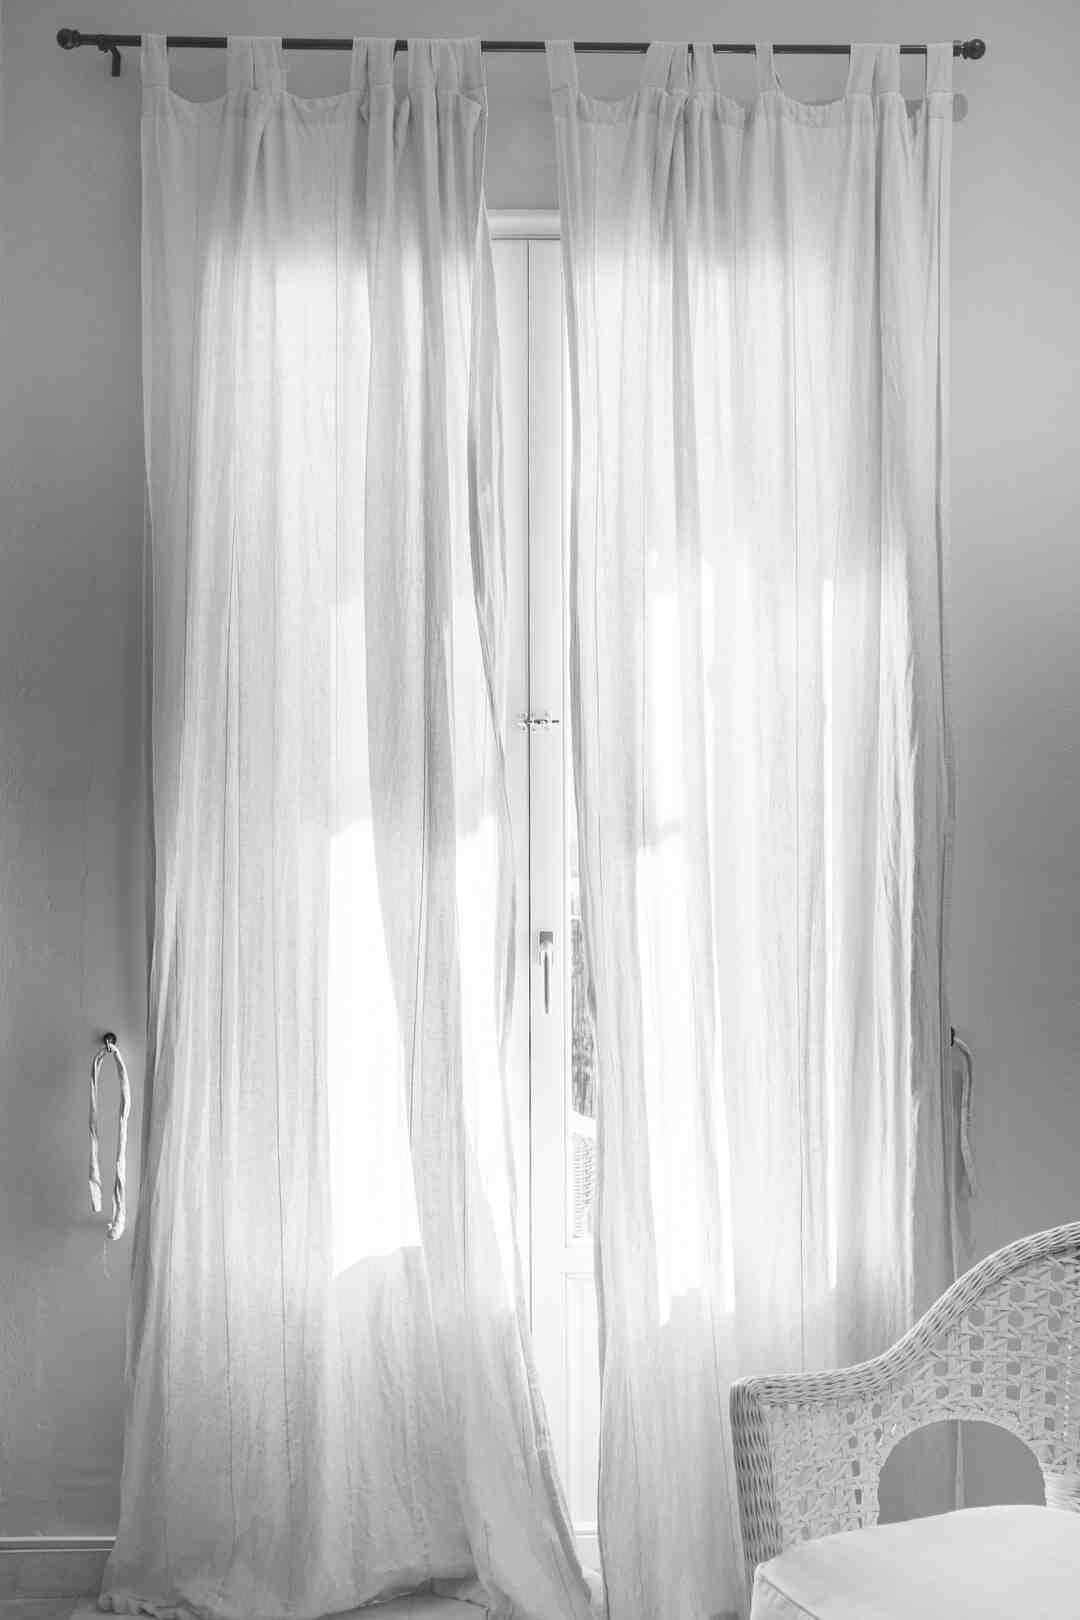 Comment mettre des rideaux dans une chambre ?